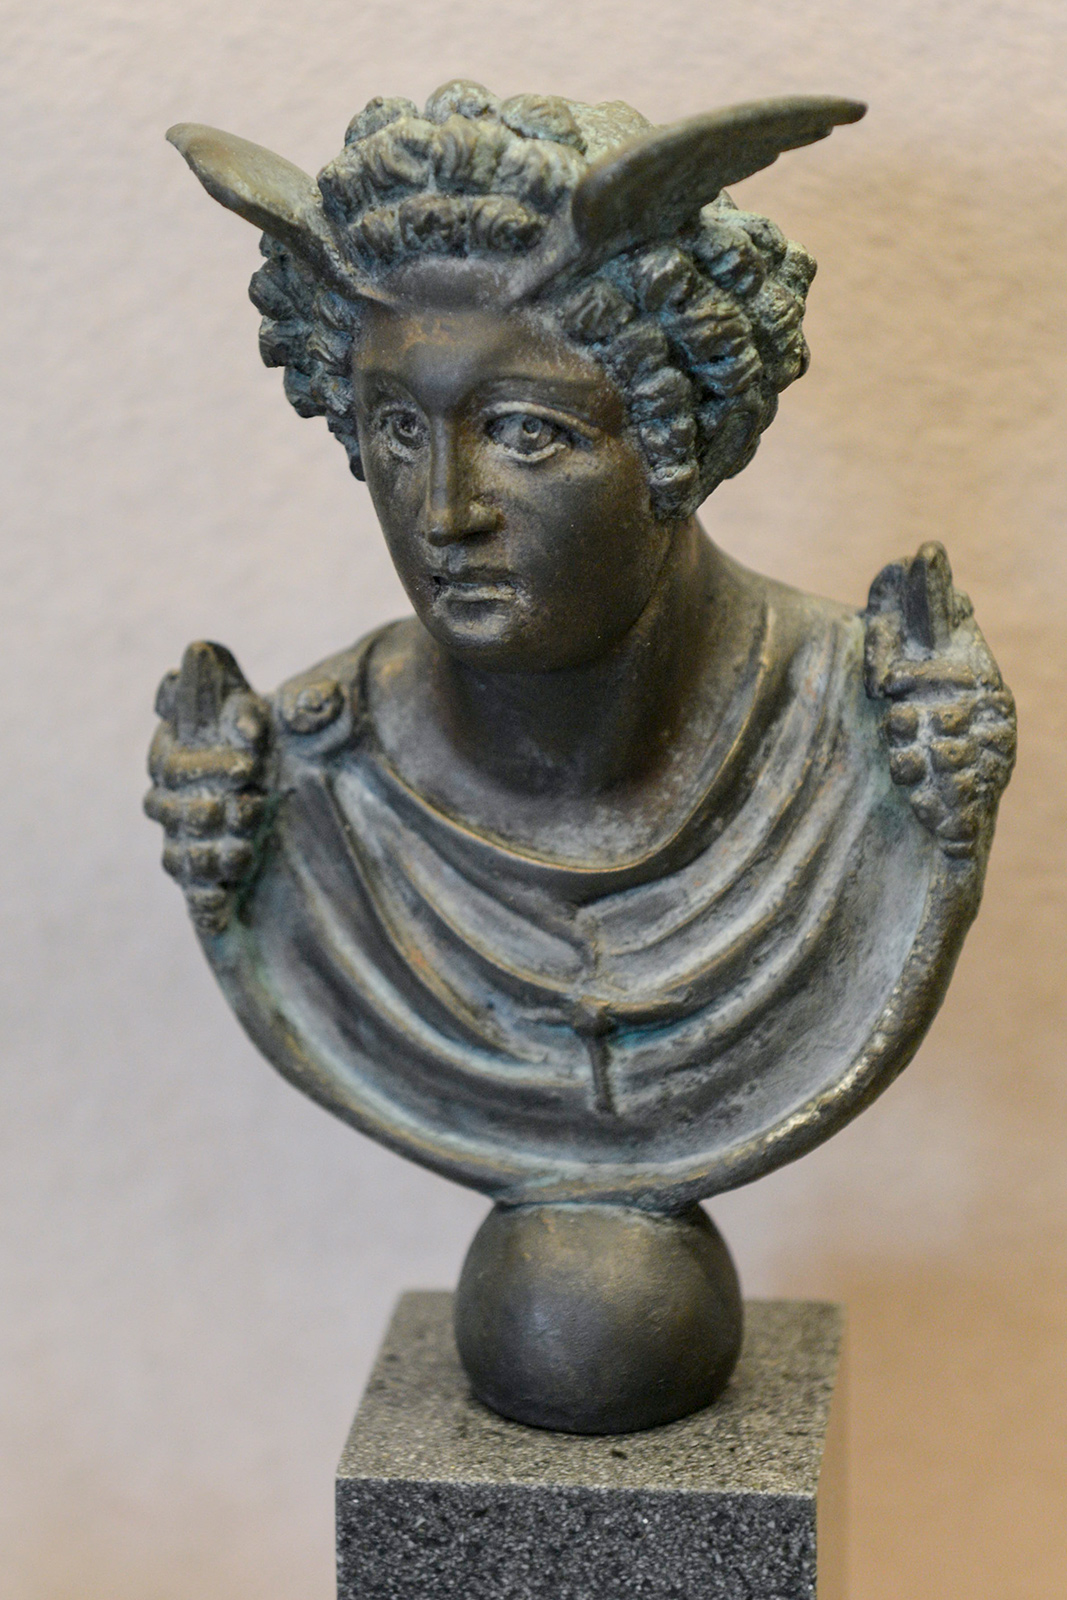 Buste en bronze de Mercure, trouvé dans le courant du XIXe siècle, lors de fouilles pratiquées dans la villa gallo-romaine d'Anthée. Musée de Namur